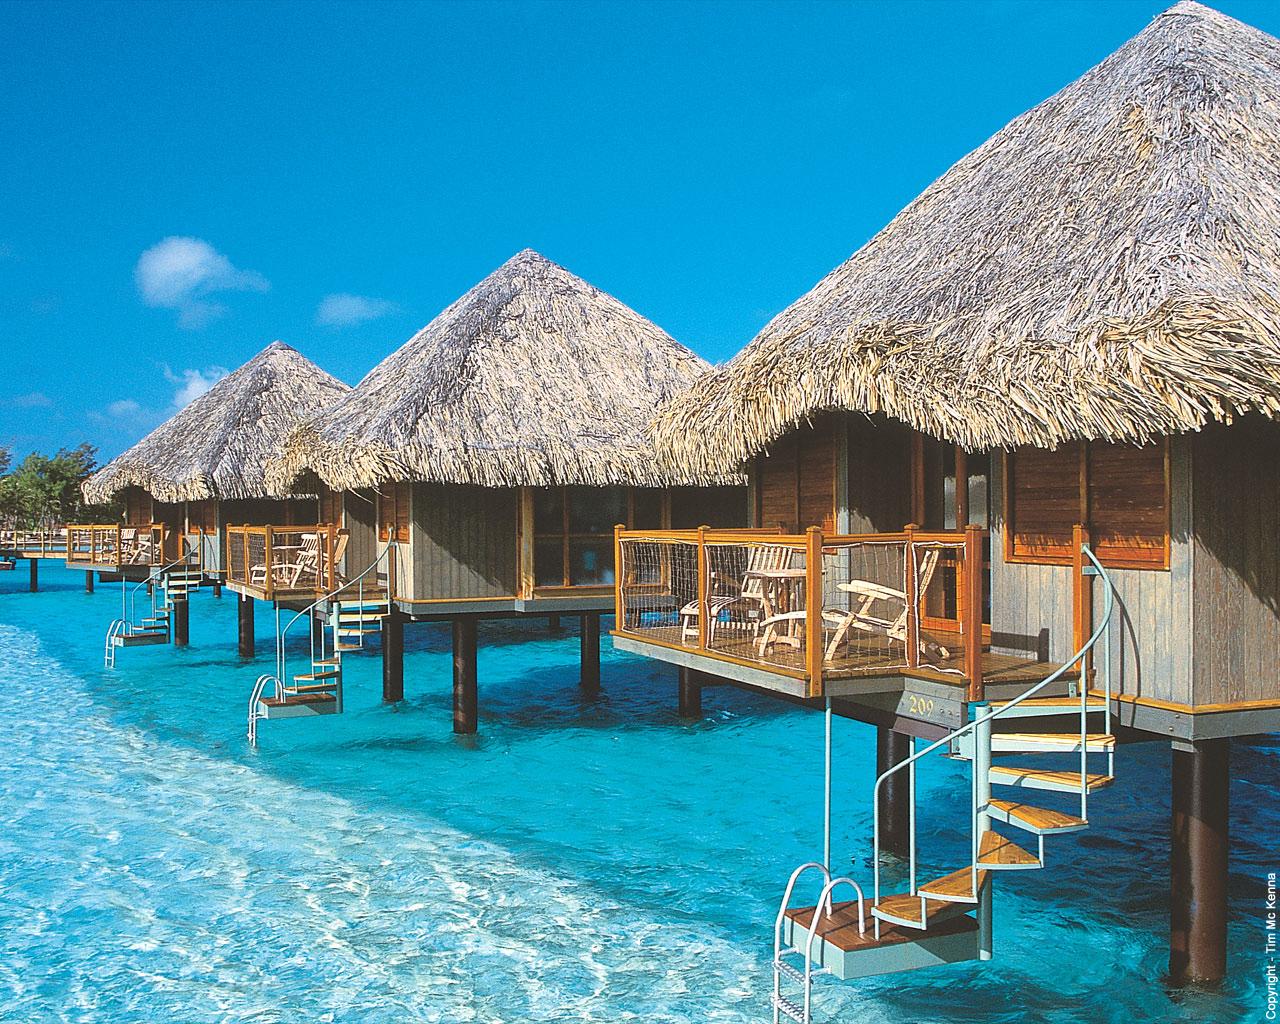 Reise til Tahiti Rabattert Pakkereiser - 10 DAGER, Moorea og Bora Bora Ferie Eller